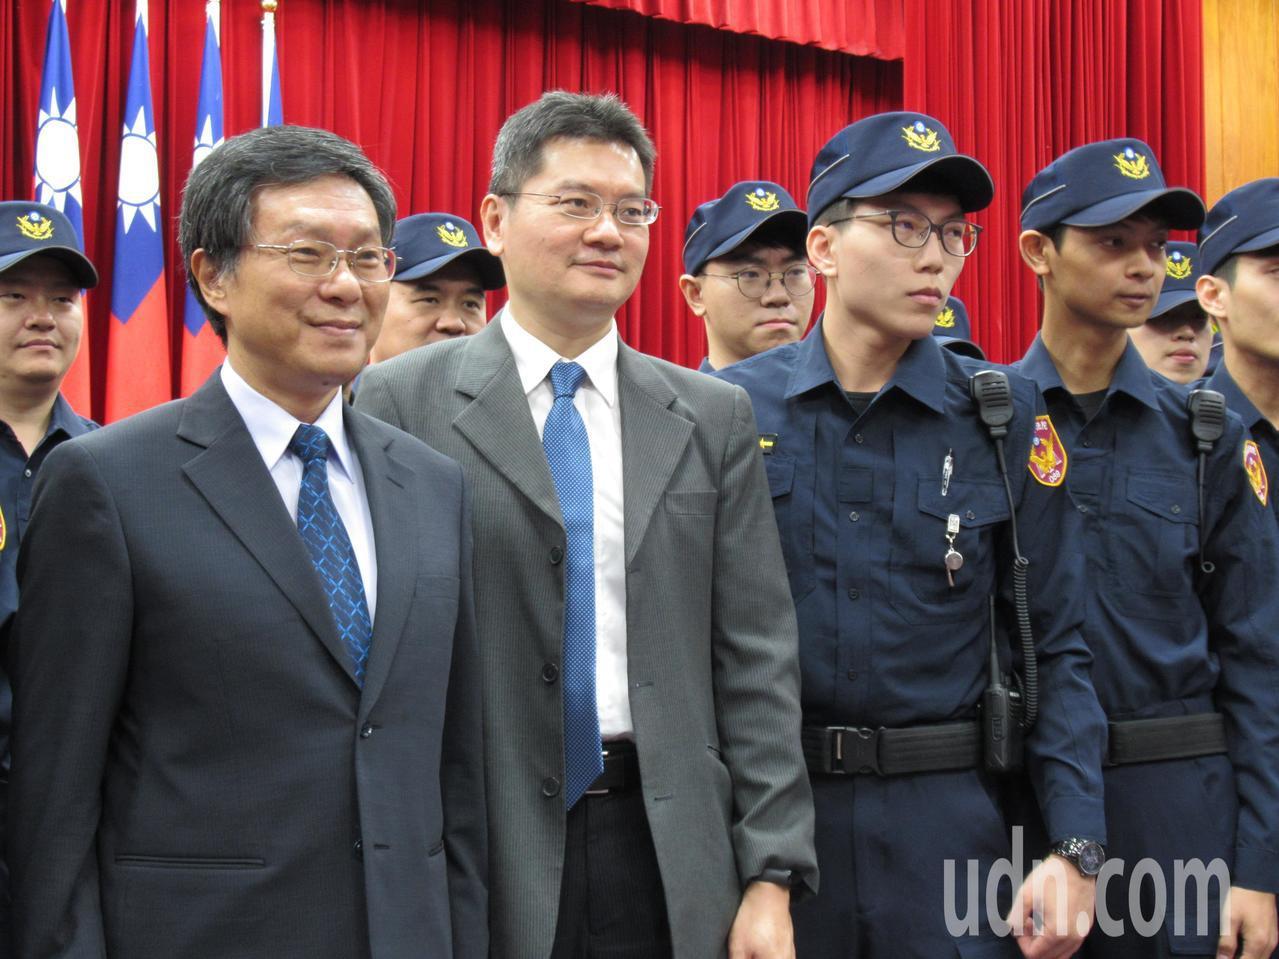 台灣高等法院院長李彥文(前排左一)與書記官長邱忠義(前排左二)宣布法警換穿新制服...